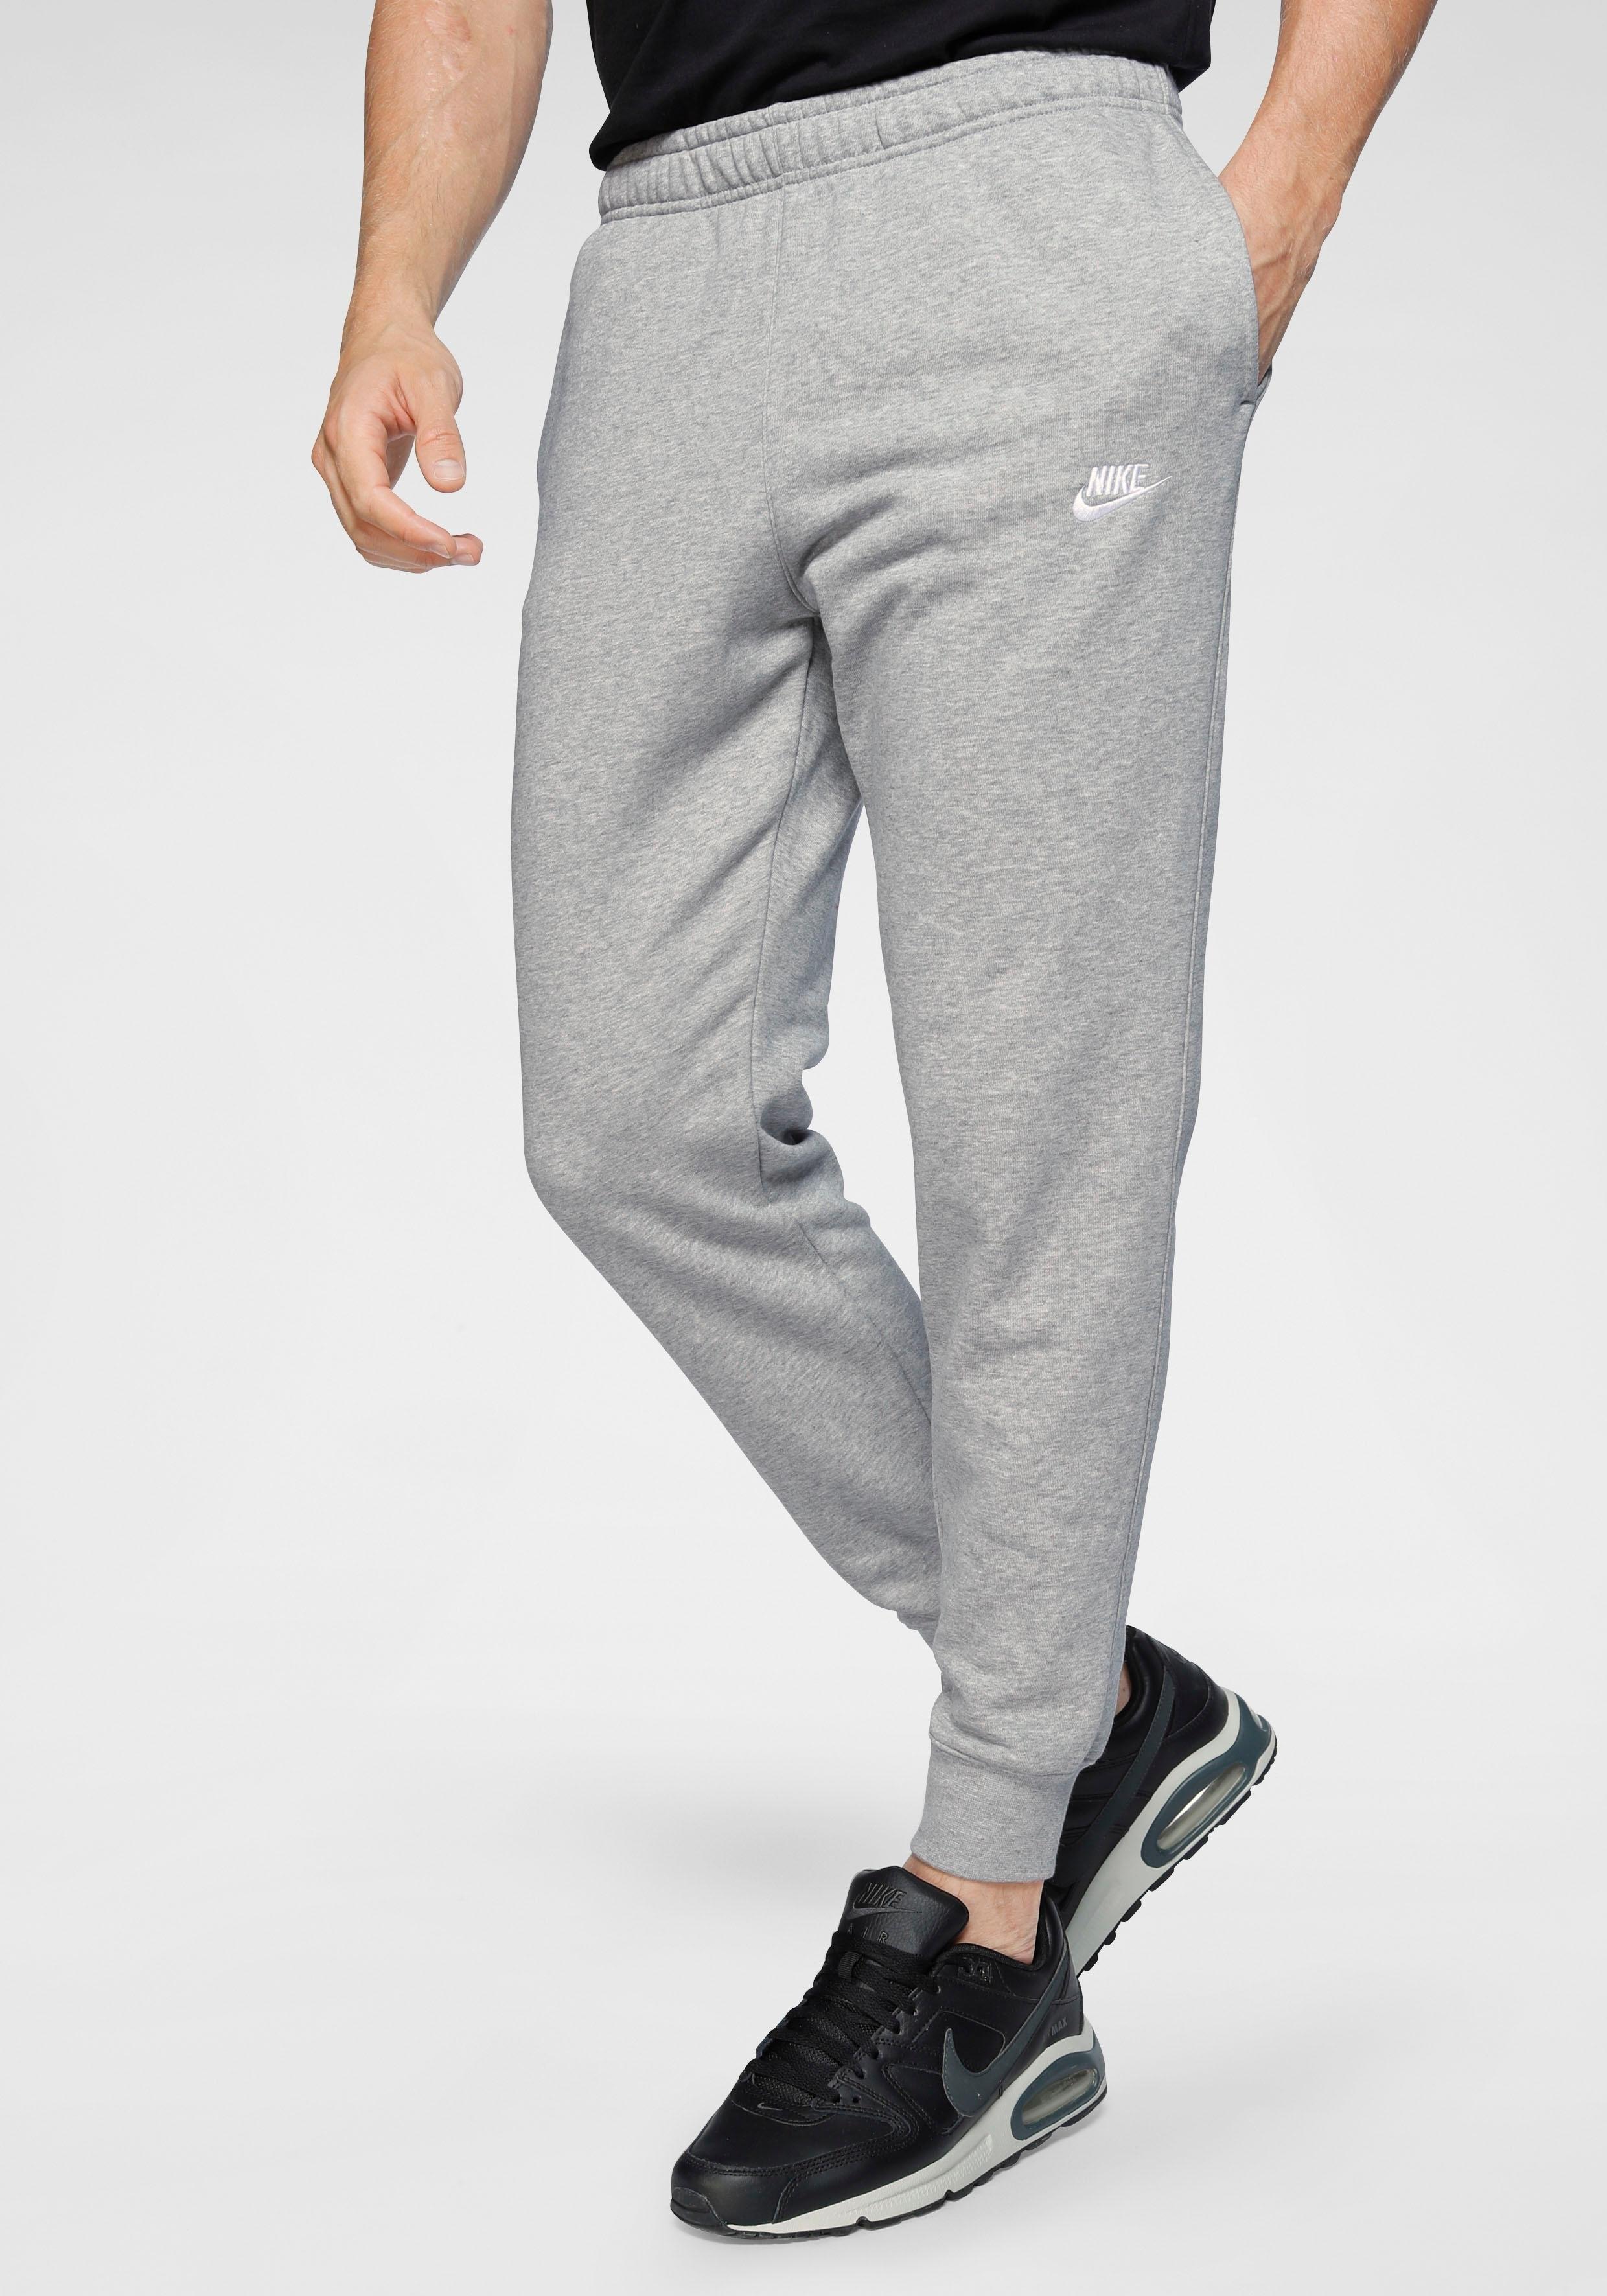 Nike Sportswear Joggingbroek M NSW CLUB JOGGER FT nu online kopen bij OTTO